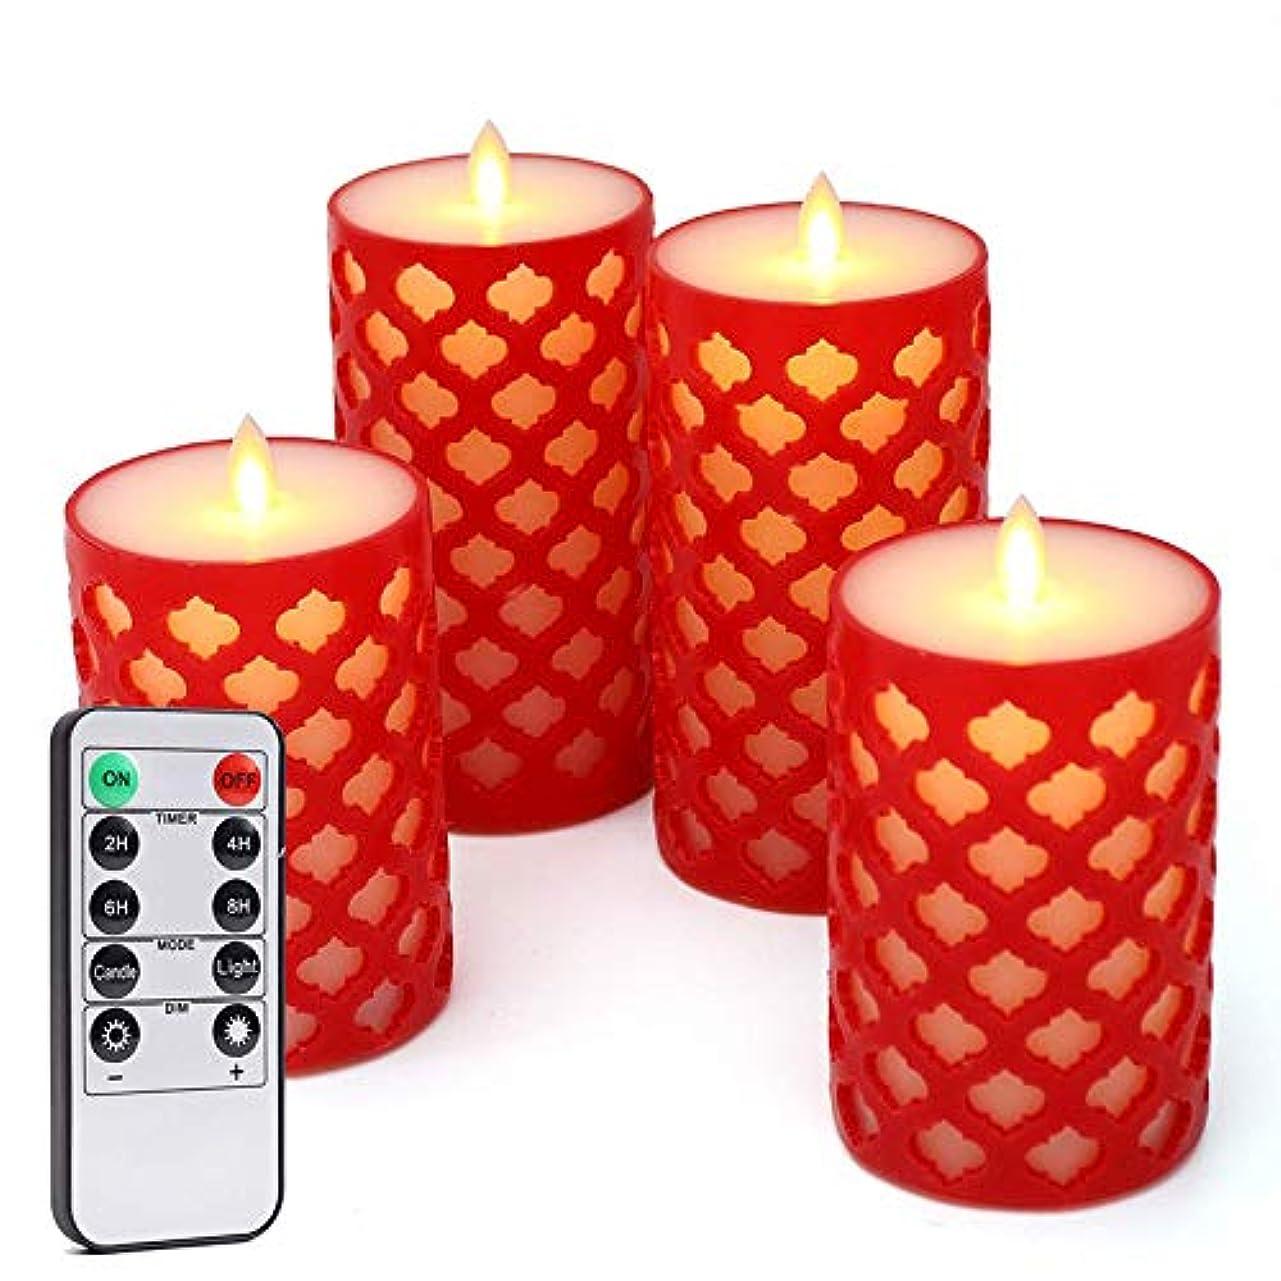 配列速報リビングルーム円筒型振動シミュレーション炎電子制御式キャンドルライトスイッチ、リモコンLEDキャンドルライト(バッテリーなし)5箱